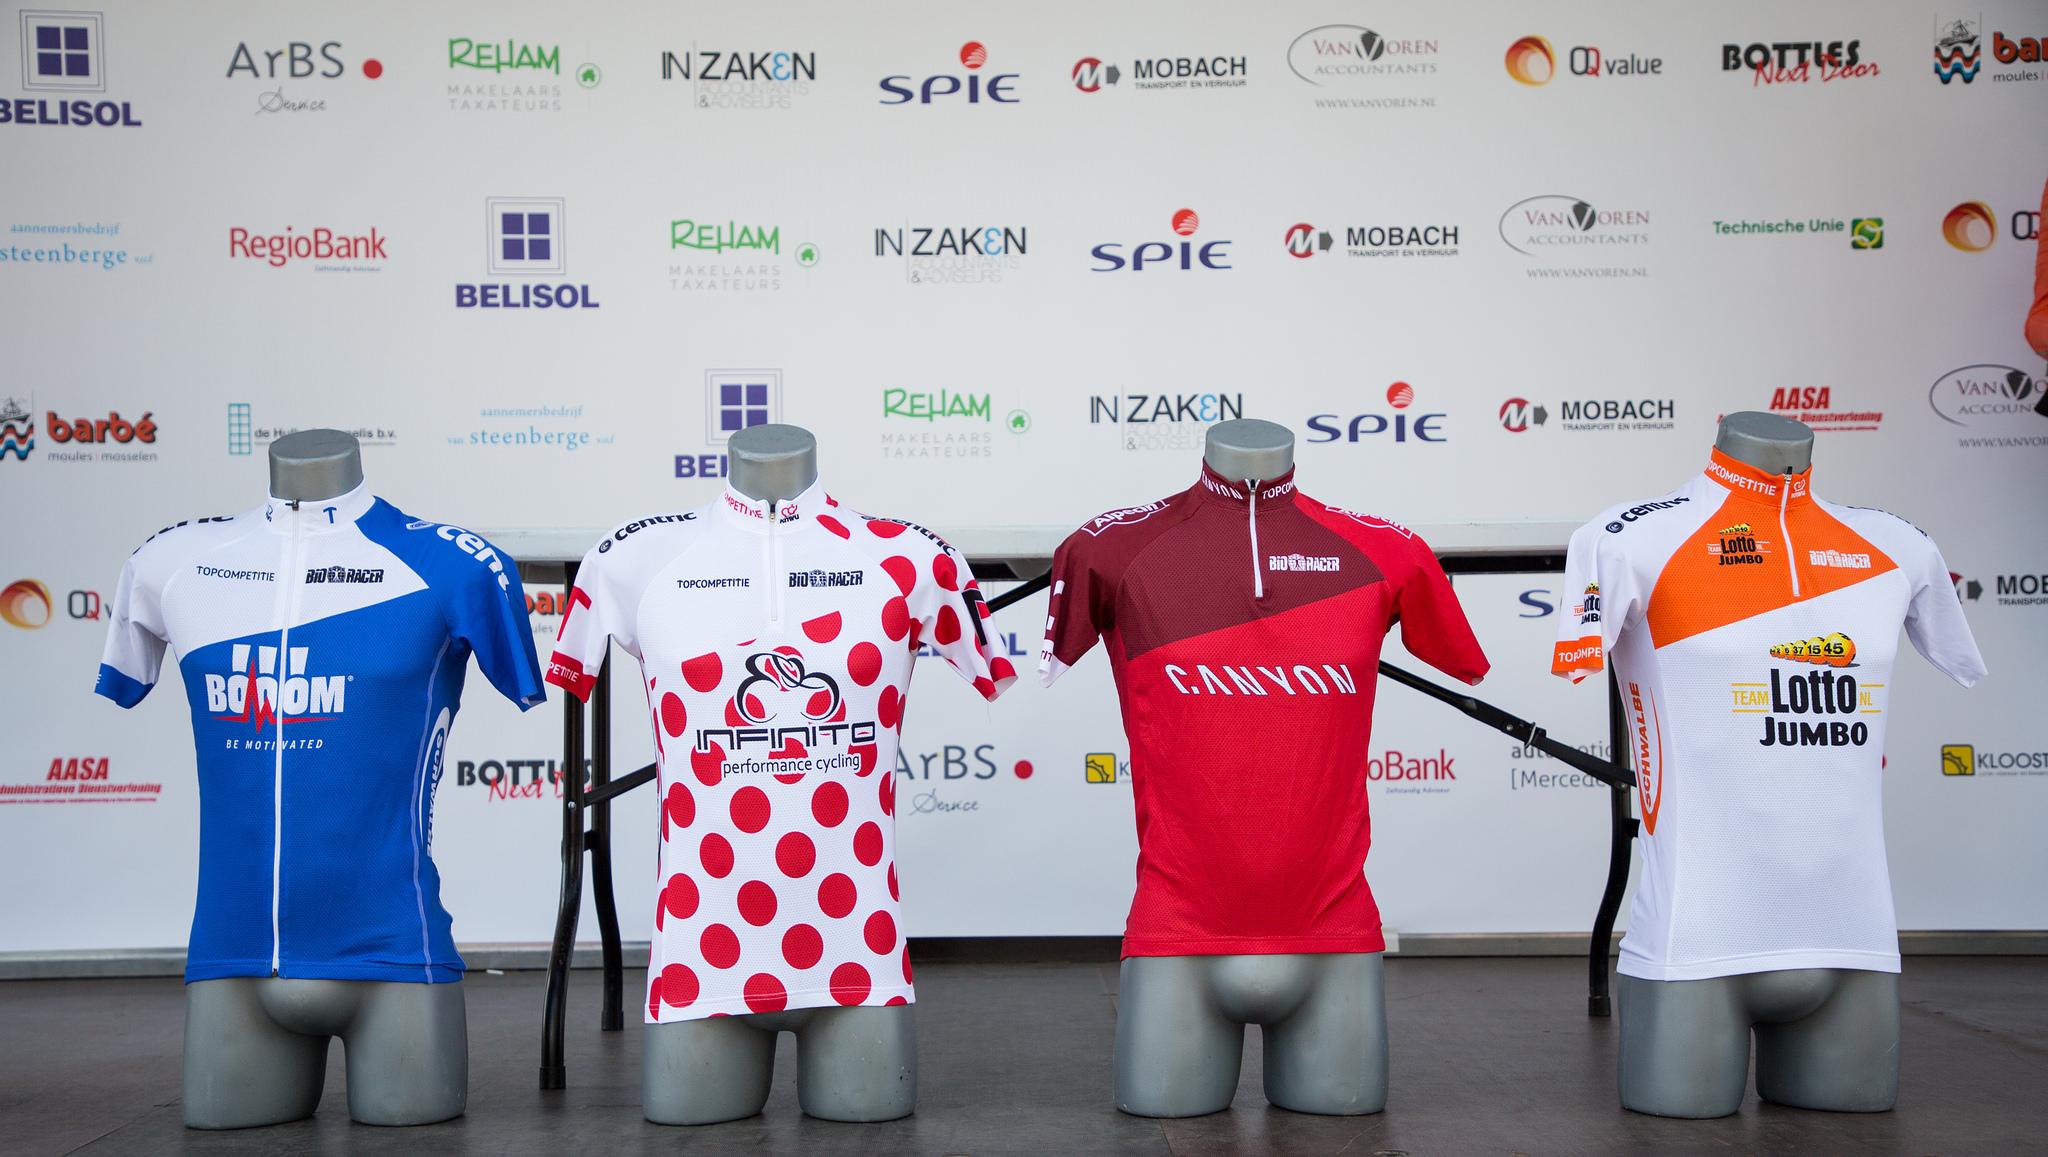 Sponsor board podium 2017